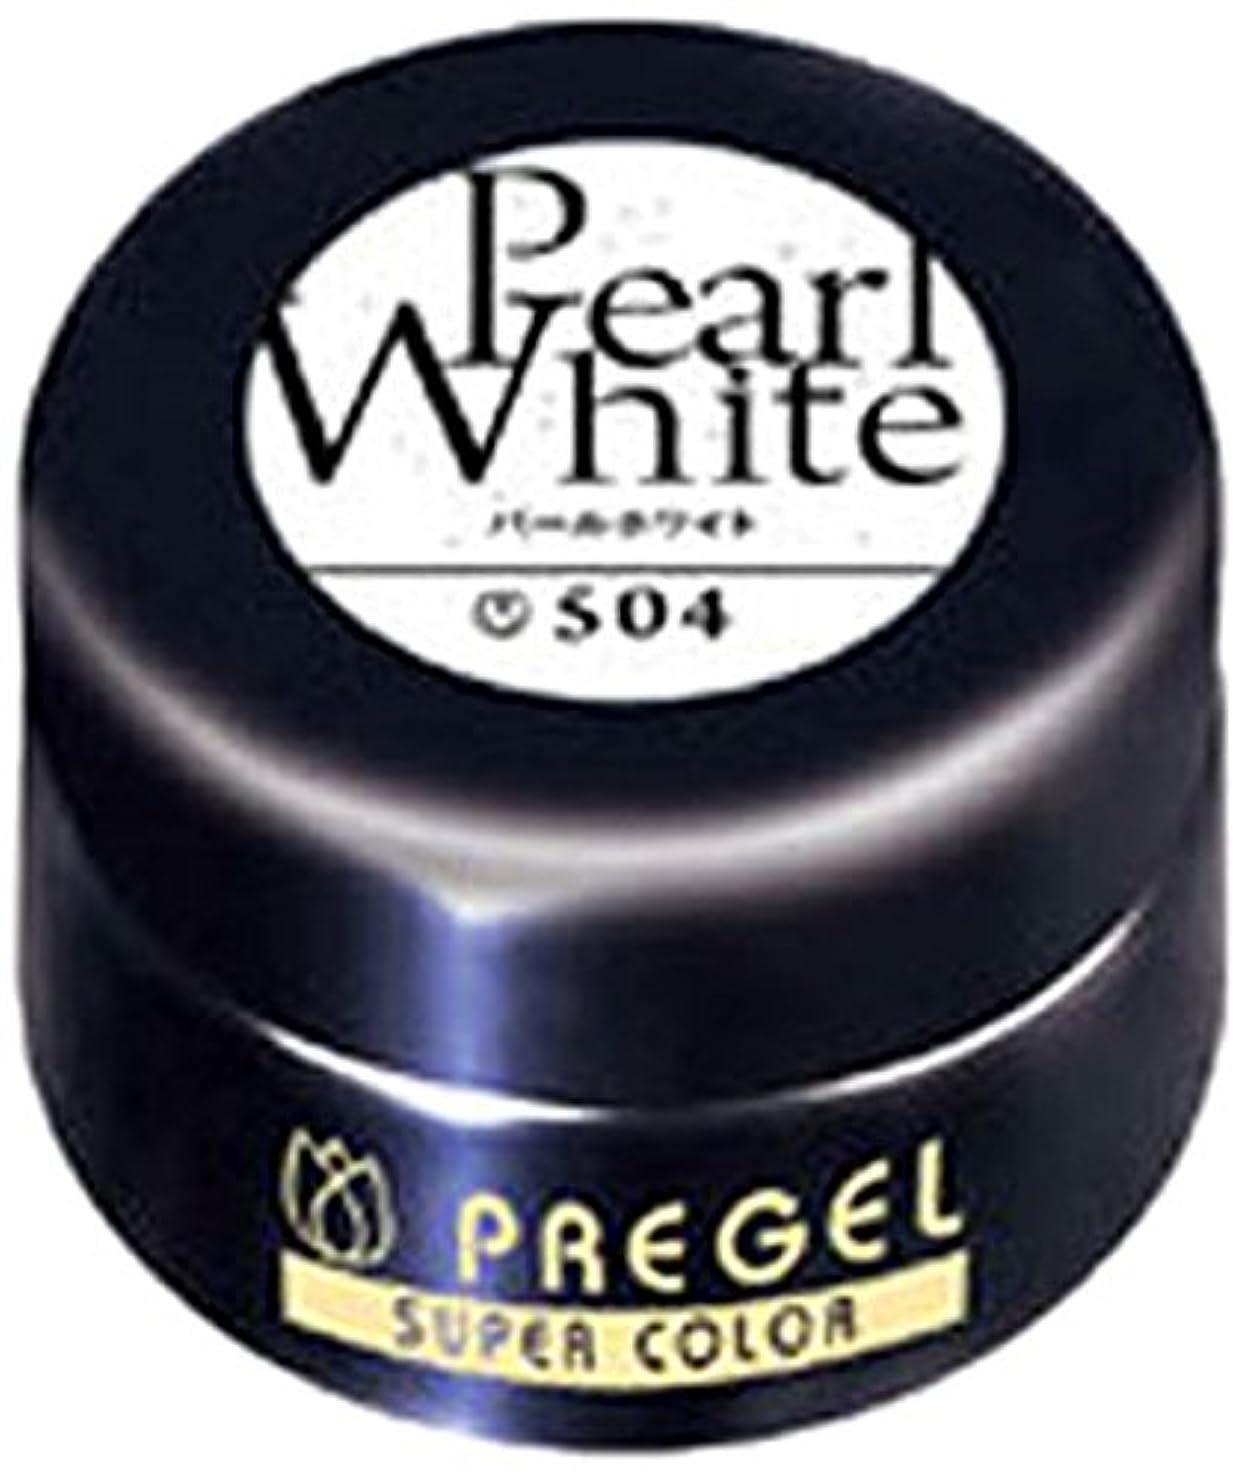 長老皮肉メロディアスプリジェル スーパーカラーEX パールホワイト 4g PG-SE504 カラージェル UV/LED対応